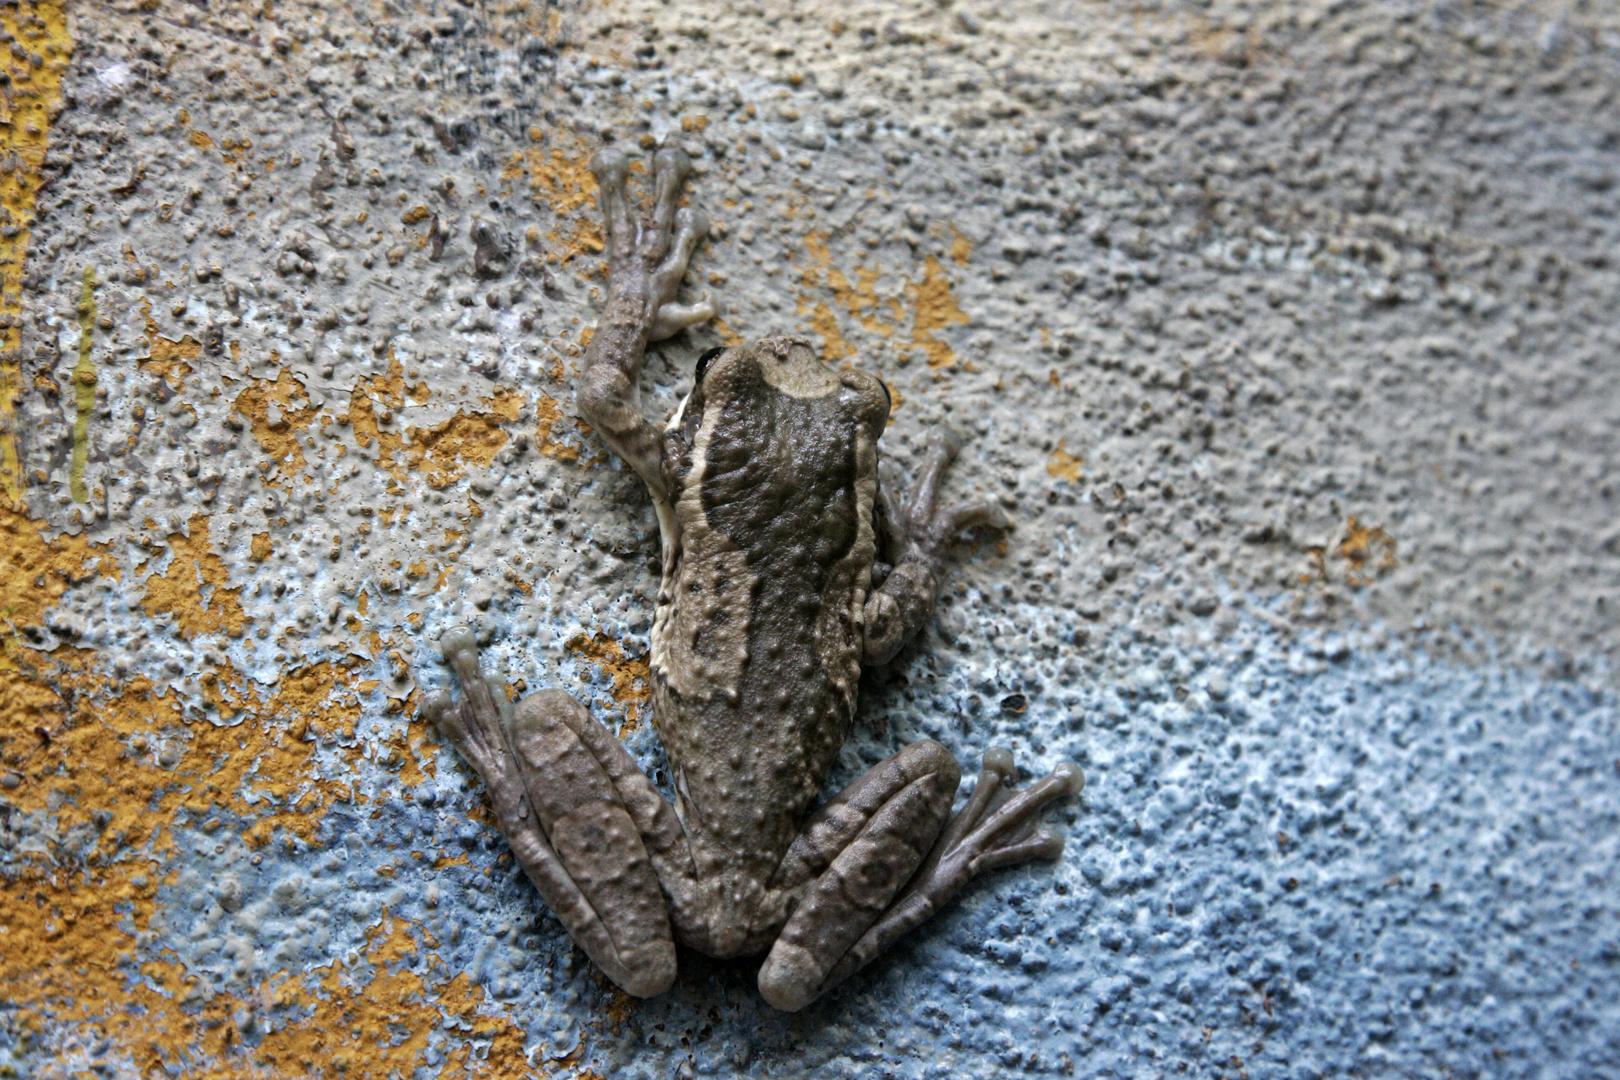 Frog at the wall